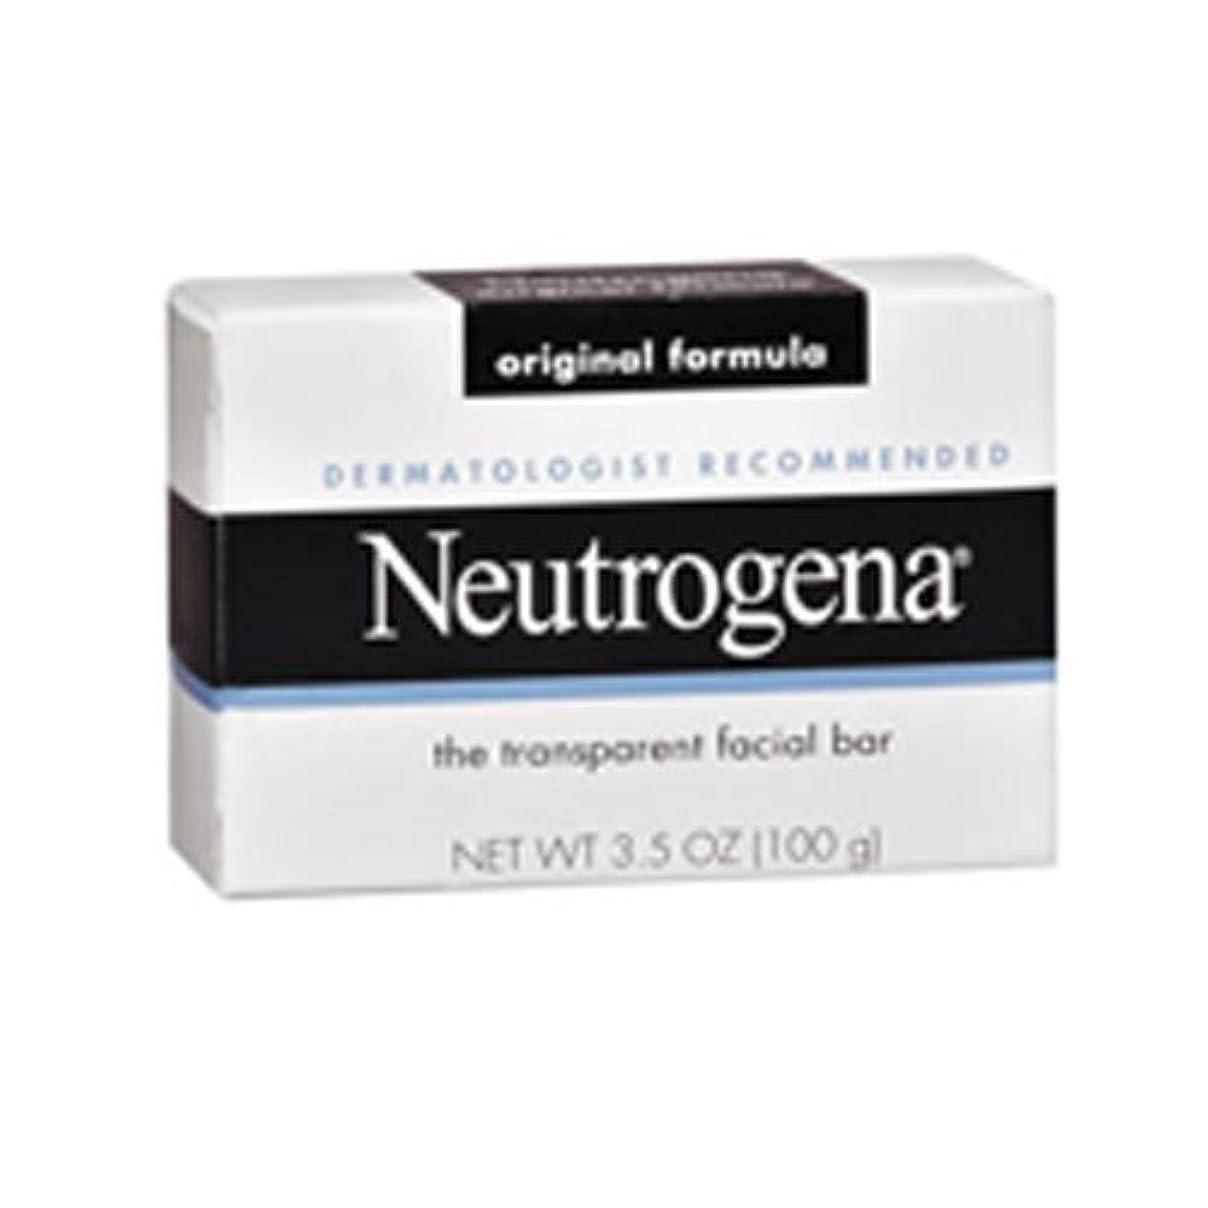 端末アンタゴニスト突き出す海外直送肘 Neutrogena Transparent Facial Soap Bar, 3.5 oz